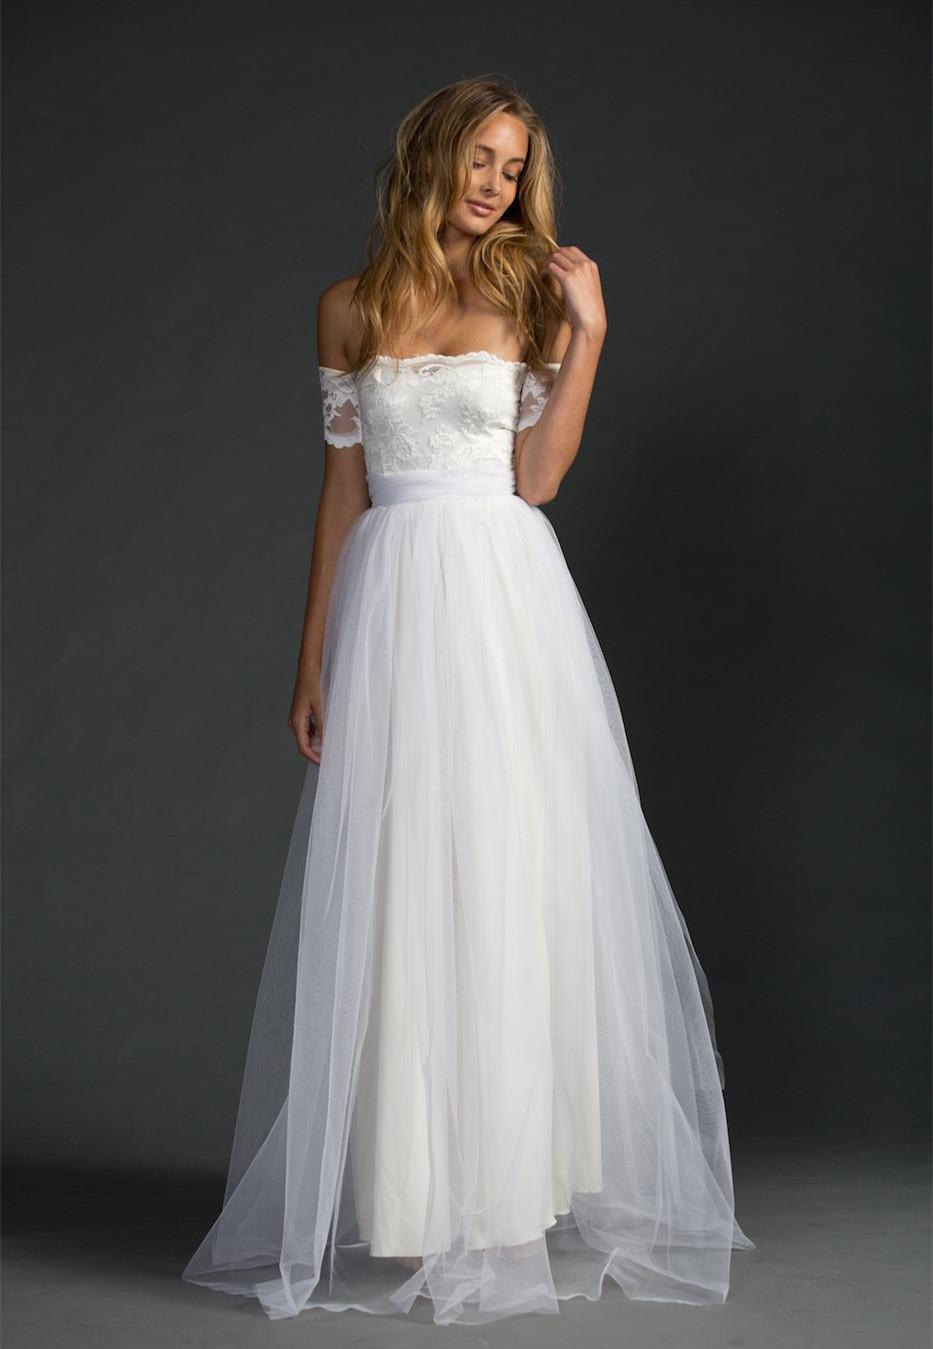 Strapless Wedding Dress With Low Back - Wedding Dress Ideas